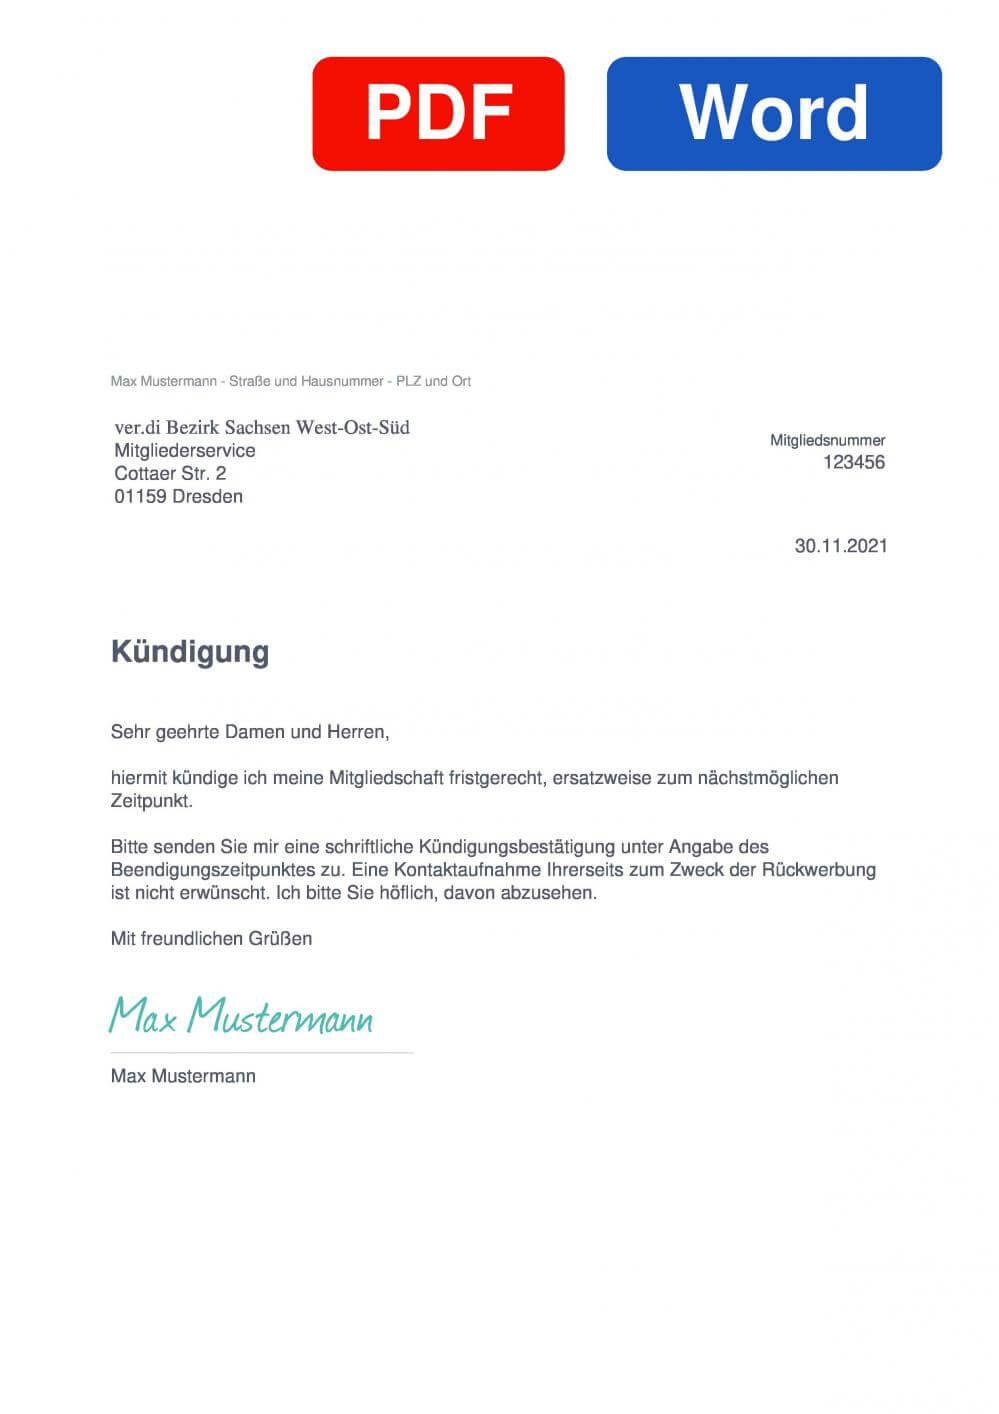 Verdi Dresden Muster Vorlage für Kündigungsschreiben